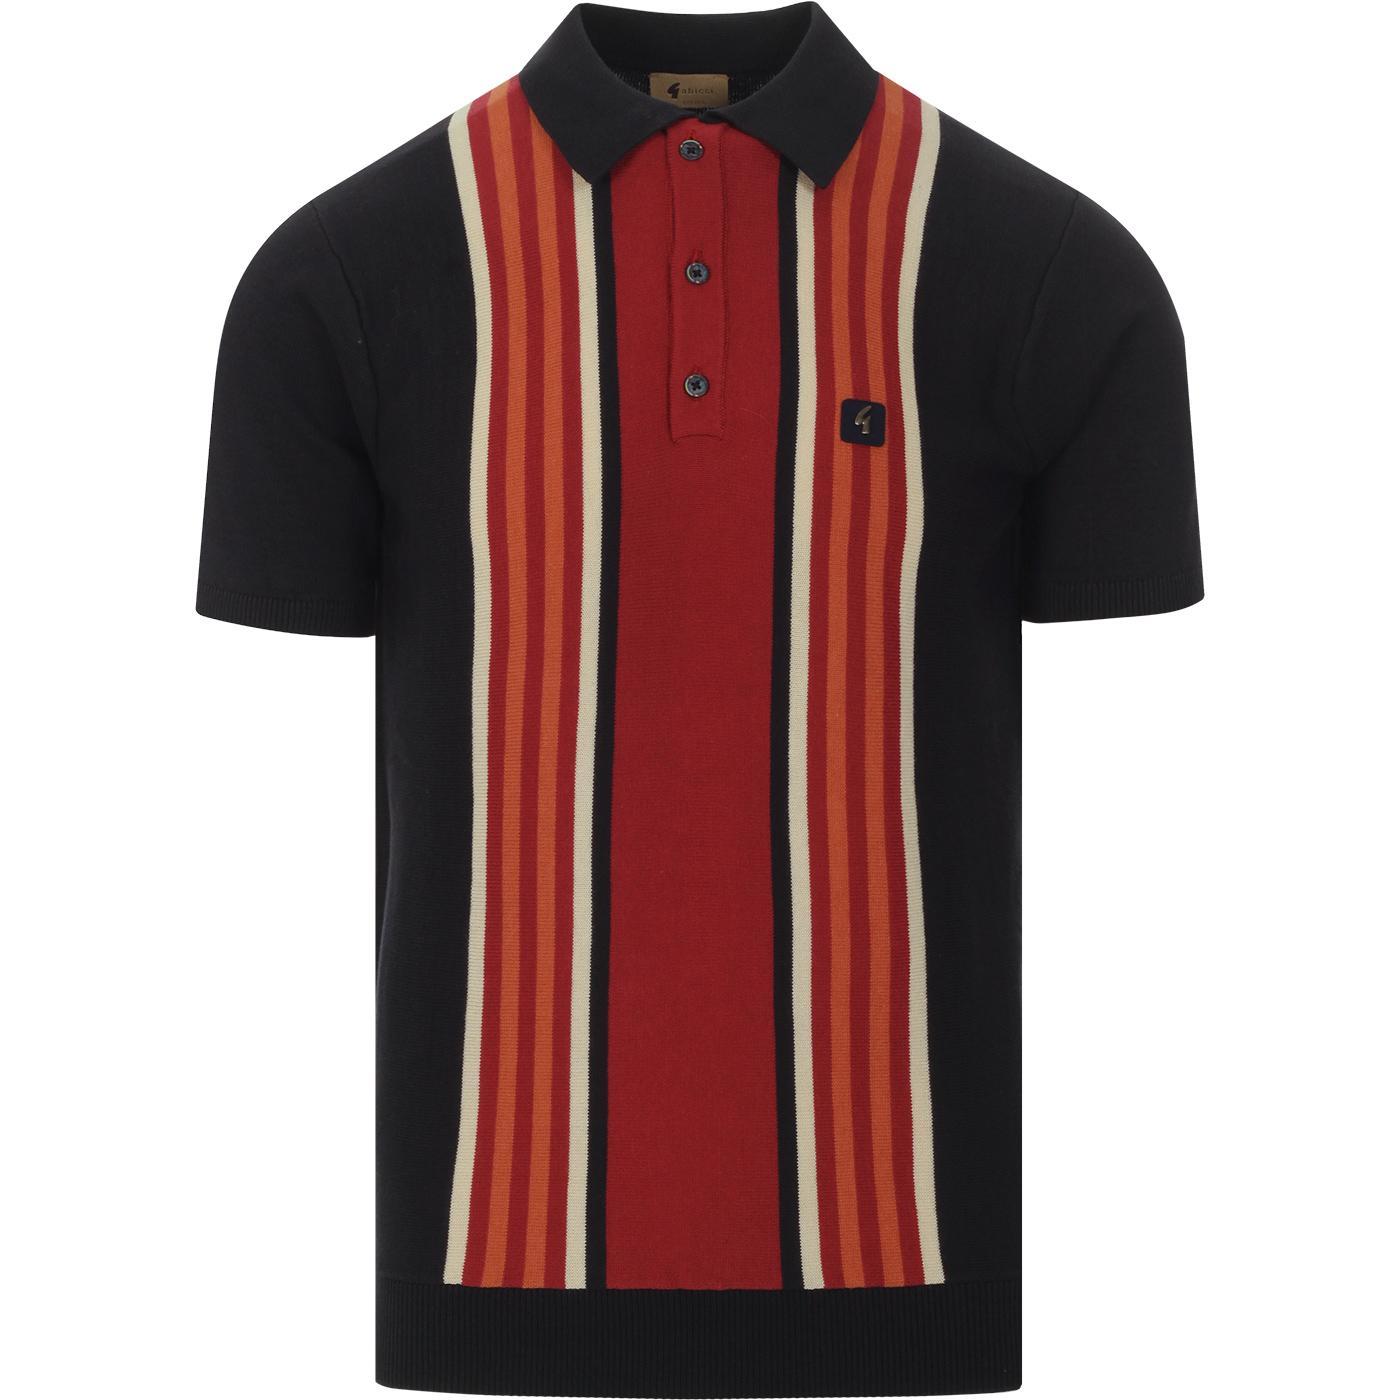 Casbah GABICCI VINTAGE Mod Stripe Knit Polo Navy